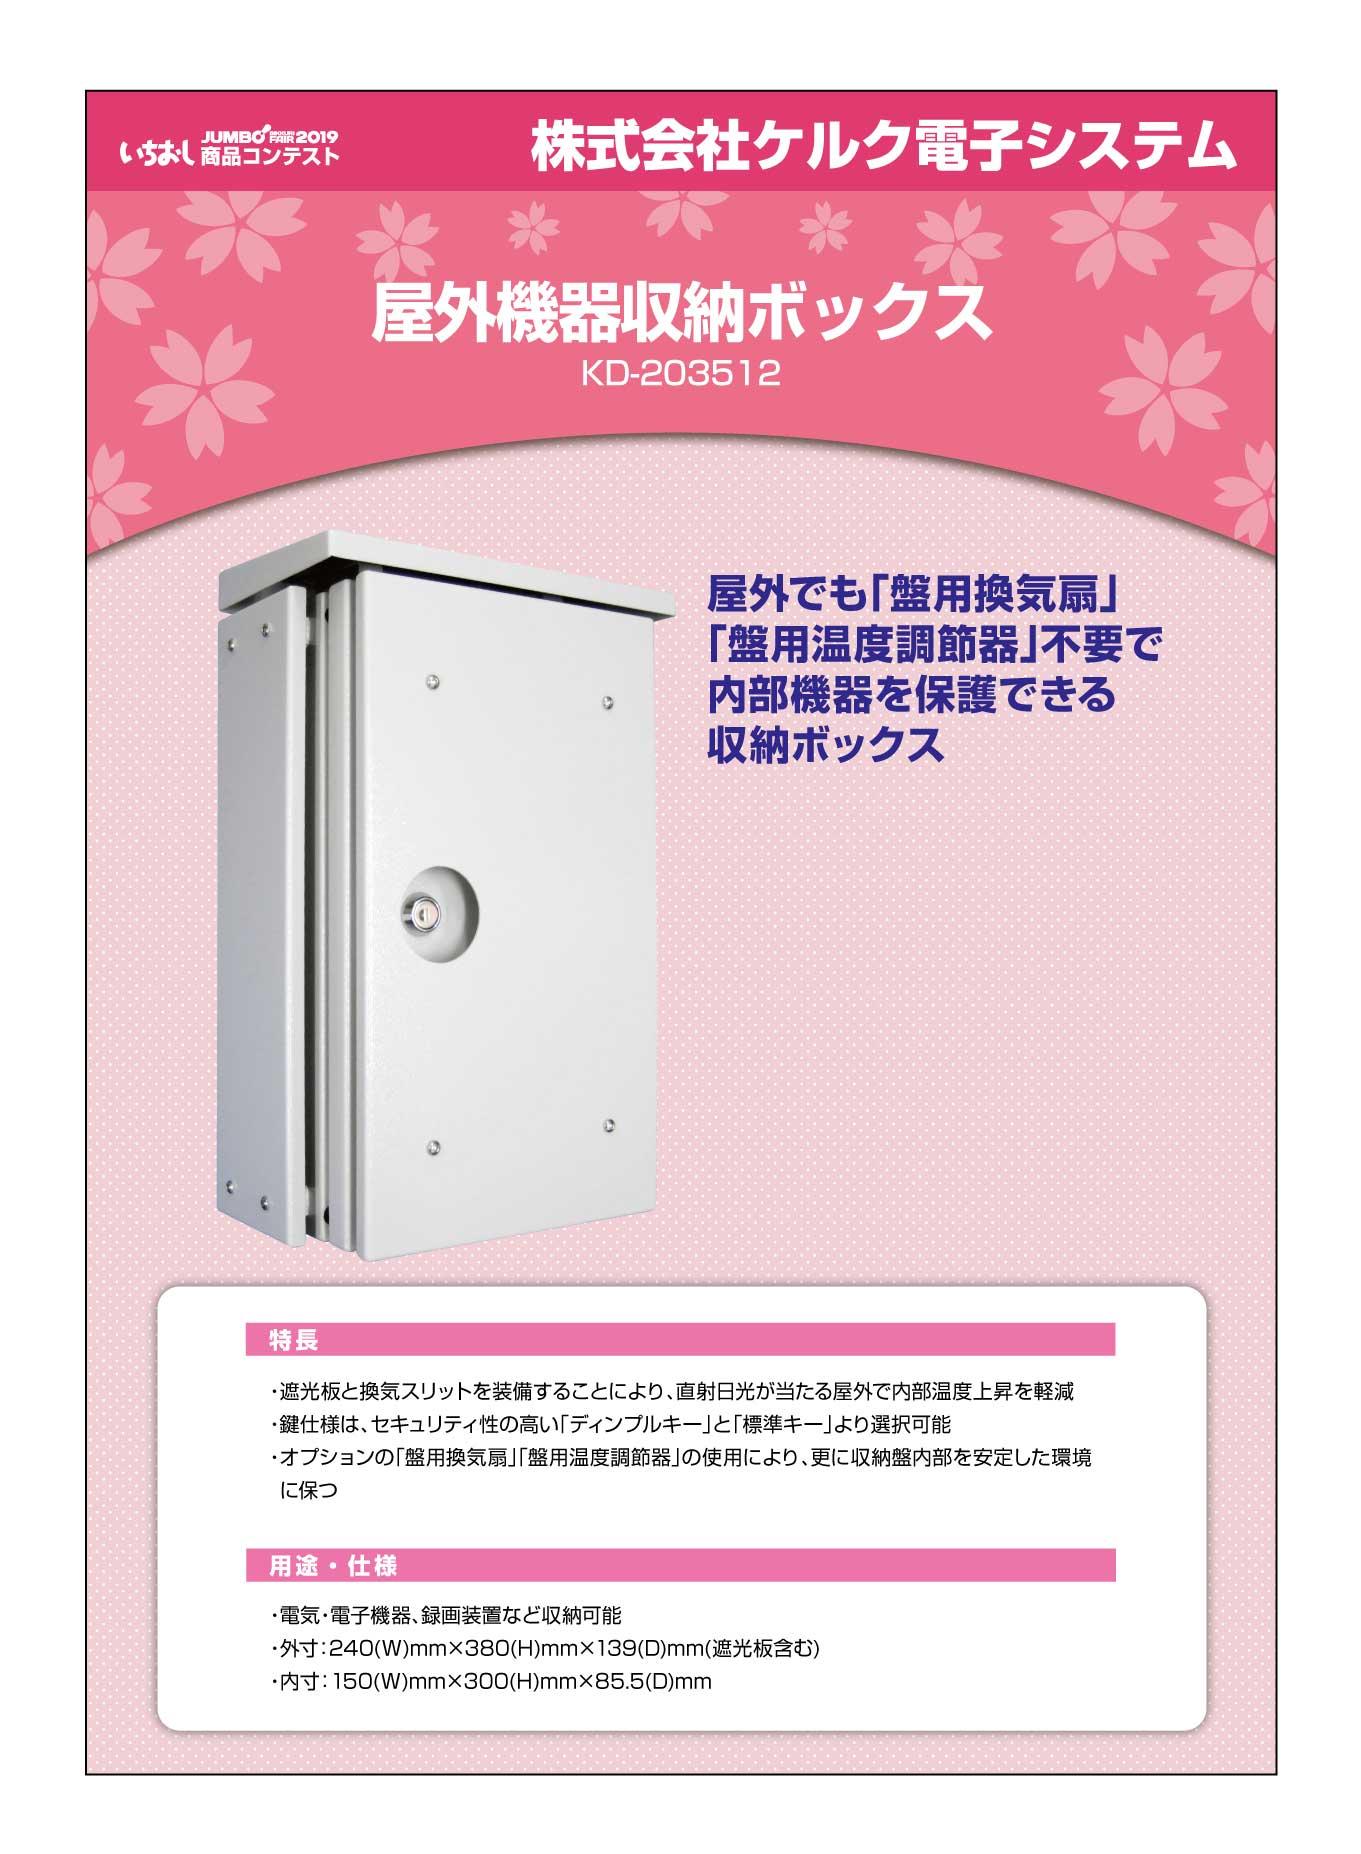 「屋外機器収納ボックス」株式会社ケルク電子システムの画像